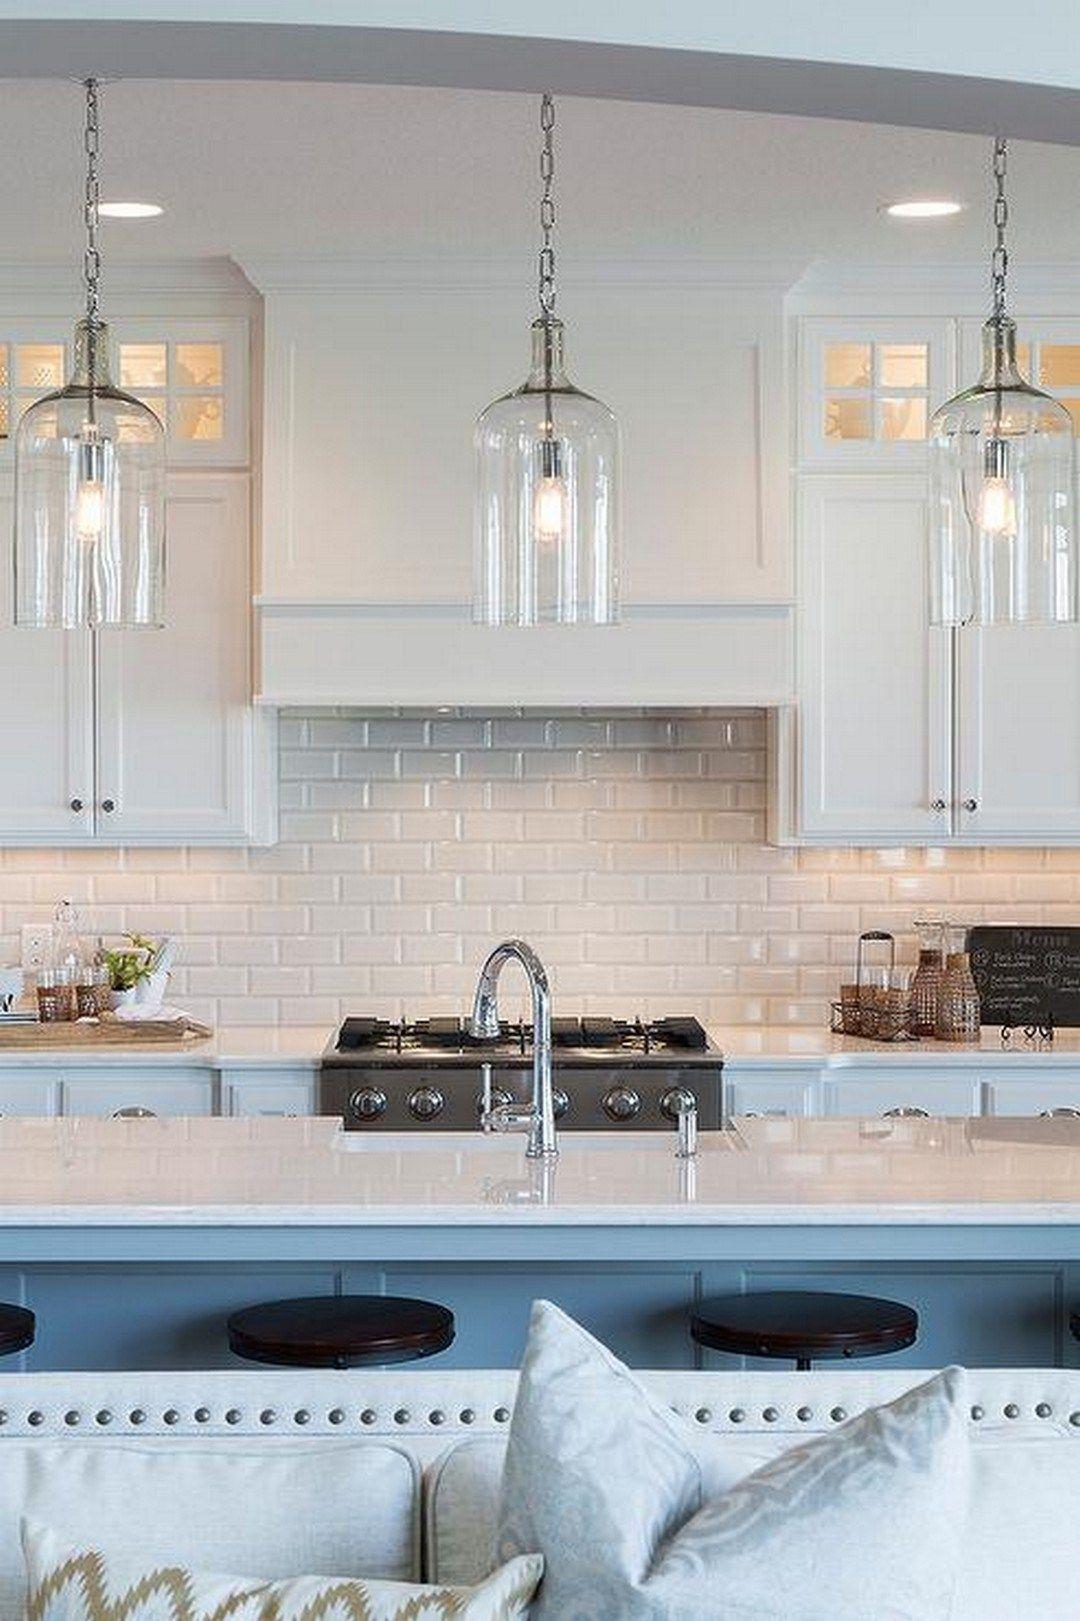 Elegant Subway Tile Backsplash Ideas For Your Kitchen Or Bathroom